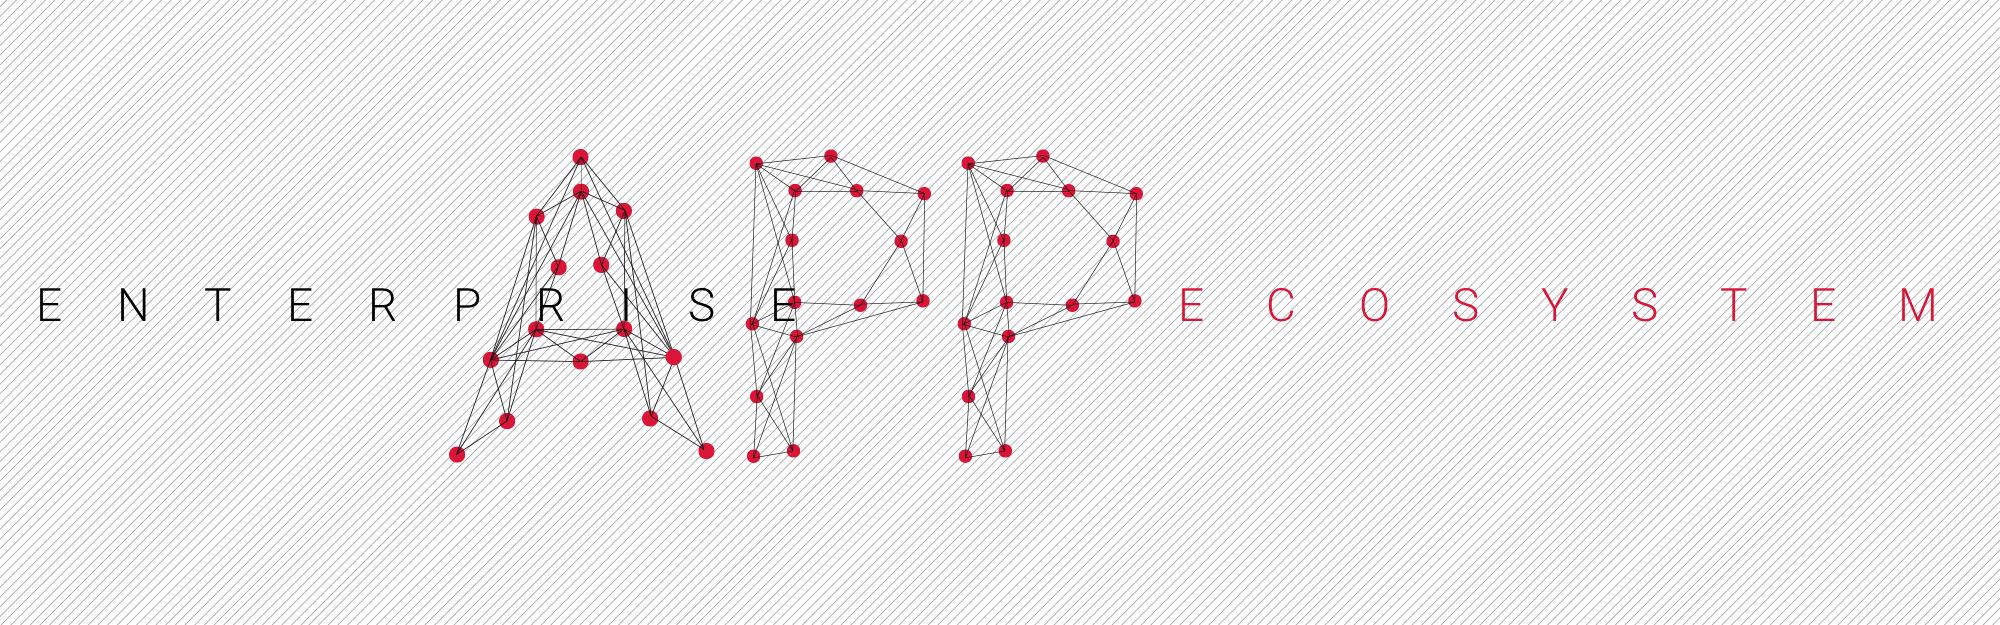 Enterprise App Ecosystem: i vantaggi di un ecosistema mobile scalabile e flessibile per il business e gli svantaggi delle all-in-one app